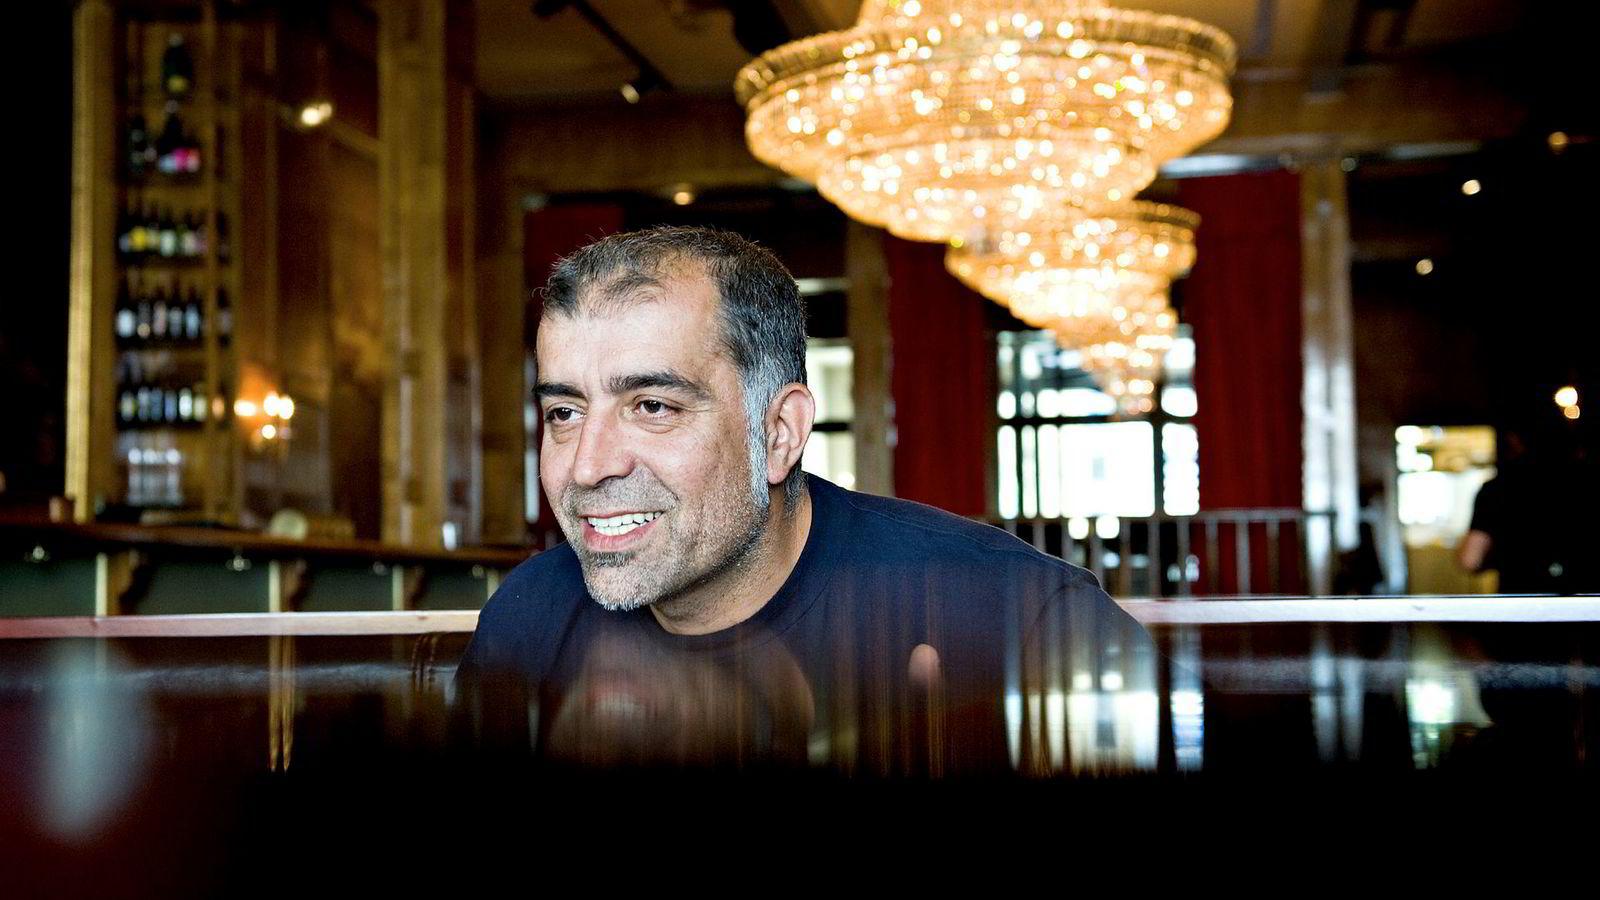 – Vi vil bruke mer energi på stedene vi allerede har. Det er tydelig at det er for mange aktører på banen, sier Nevzat Arikan som eier en rekke restauranter i Oslo.